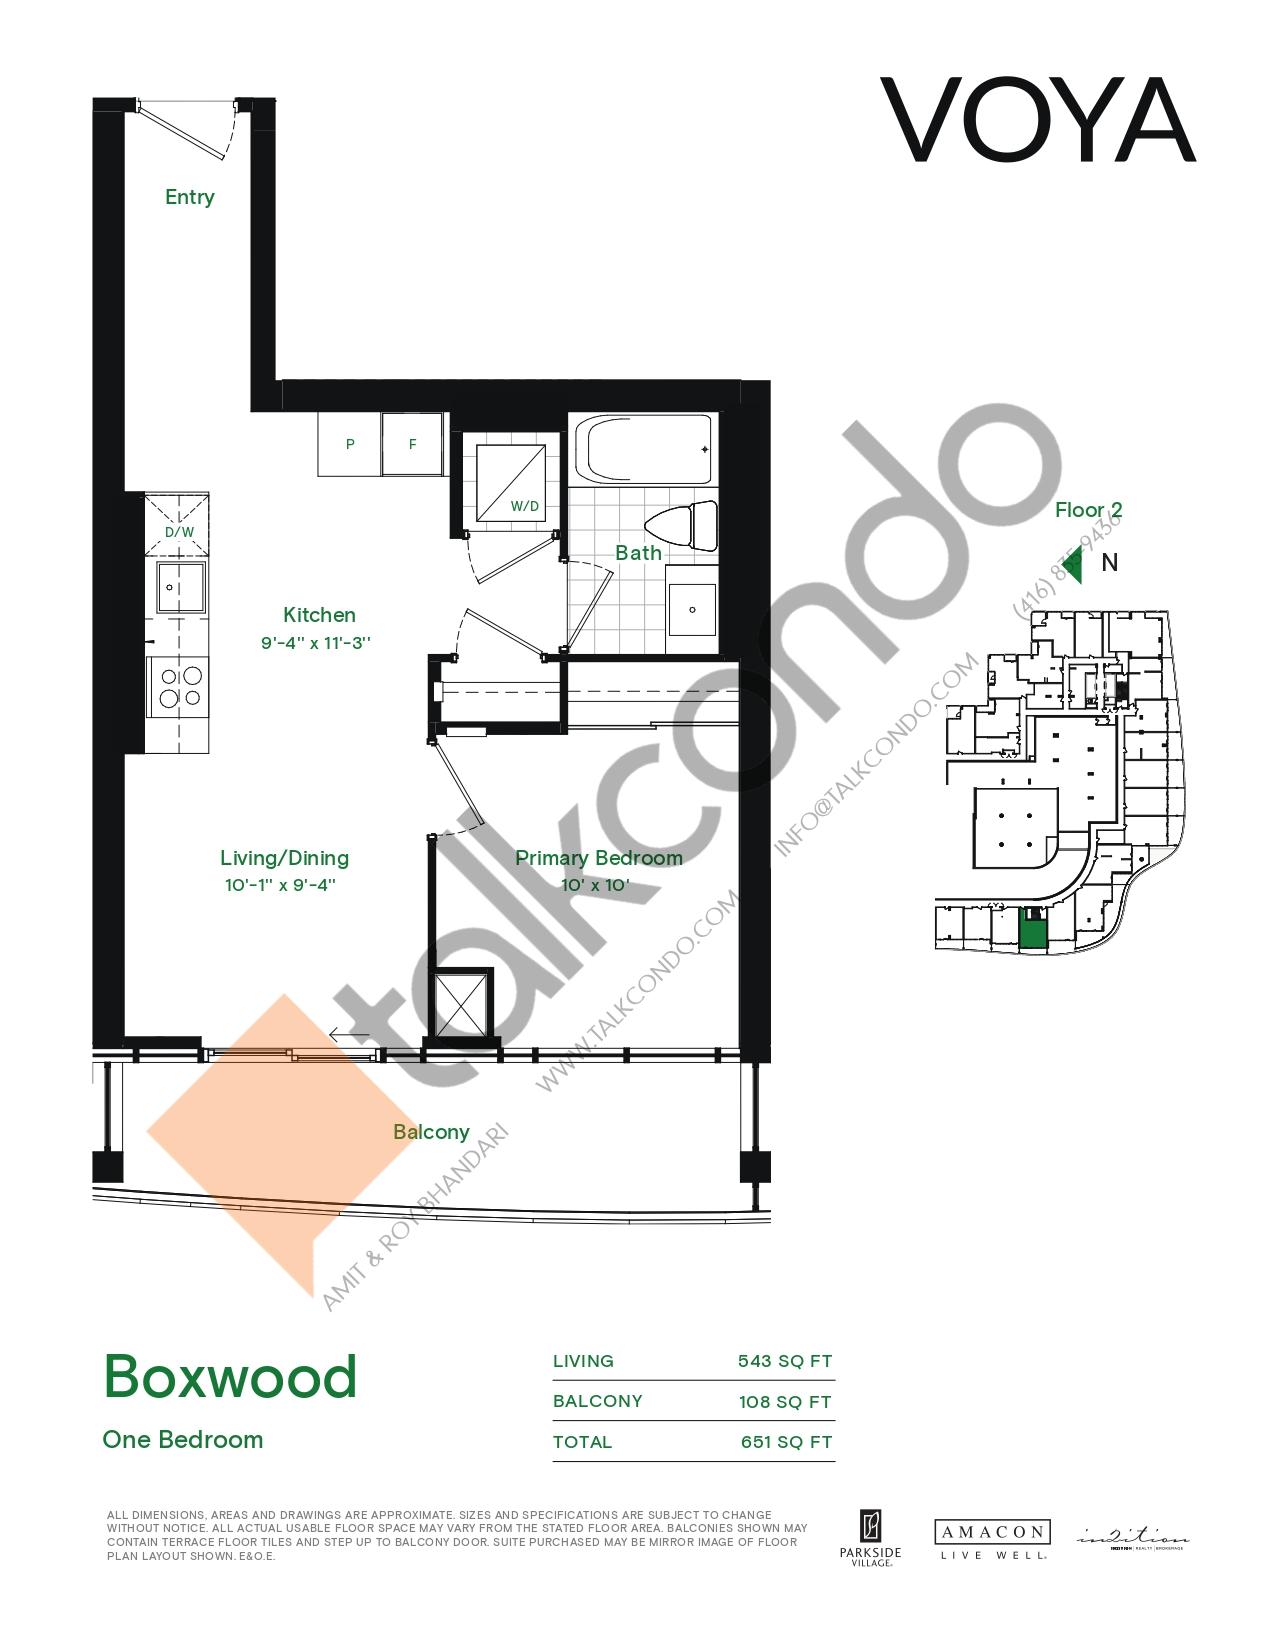 Boxwood (Podium) Floor Plan at Voya at Parkside Village Condos - 543 sq.ft